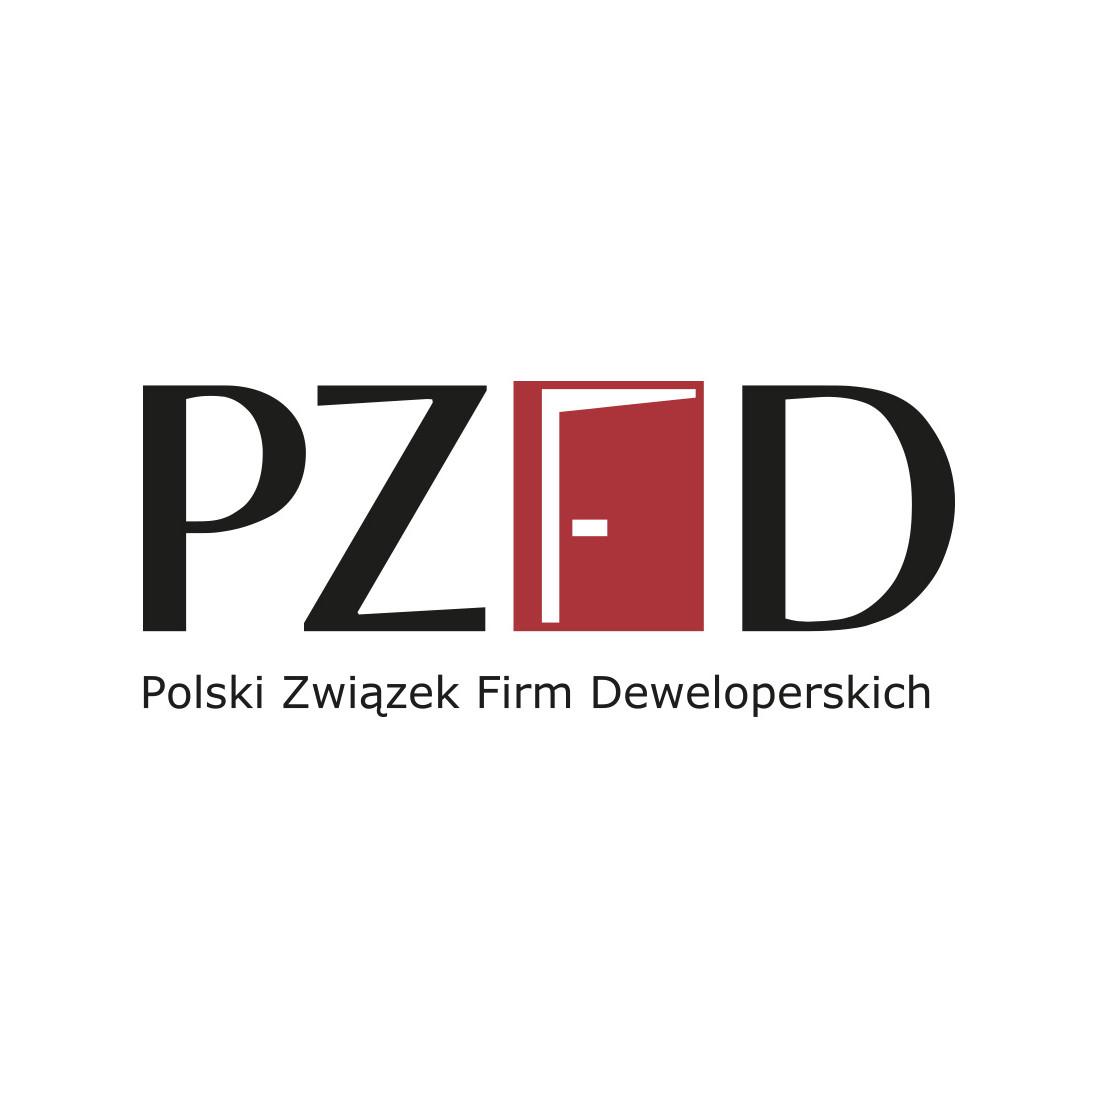 Logo of Polski Związek Firm Deweloperskich